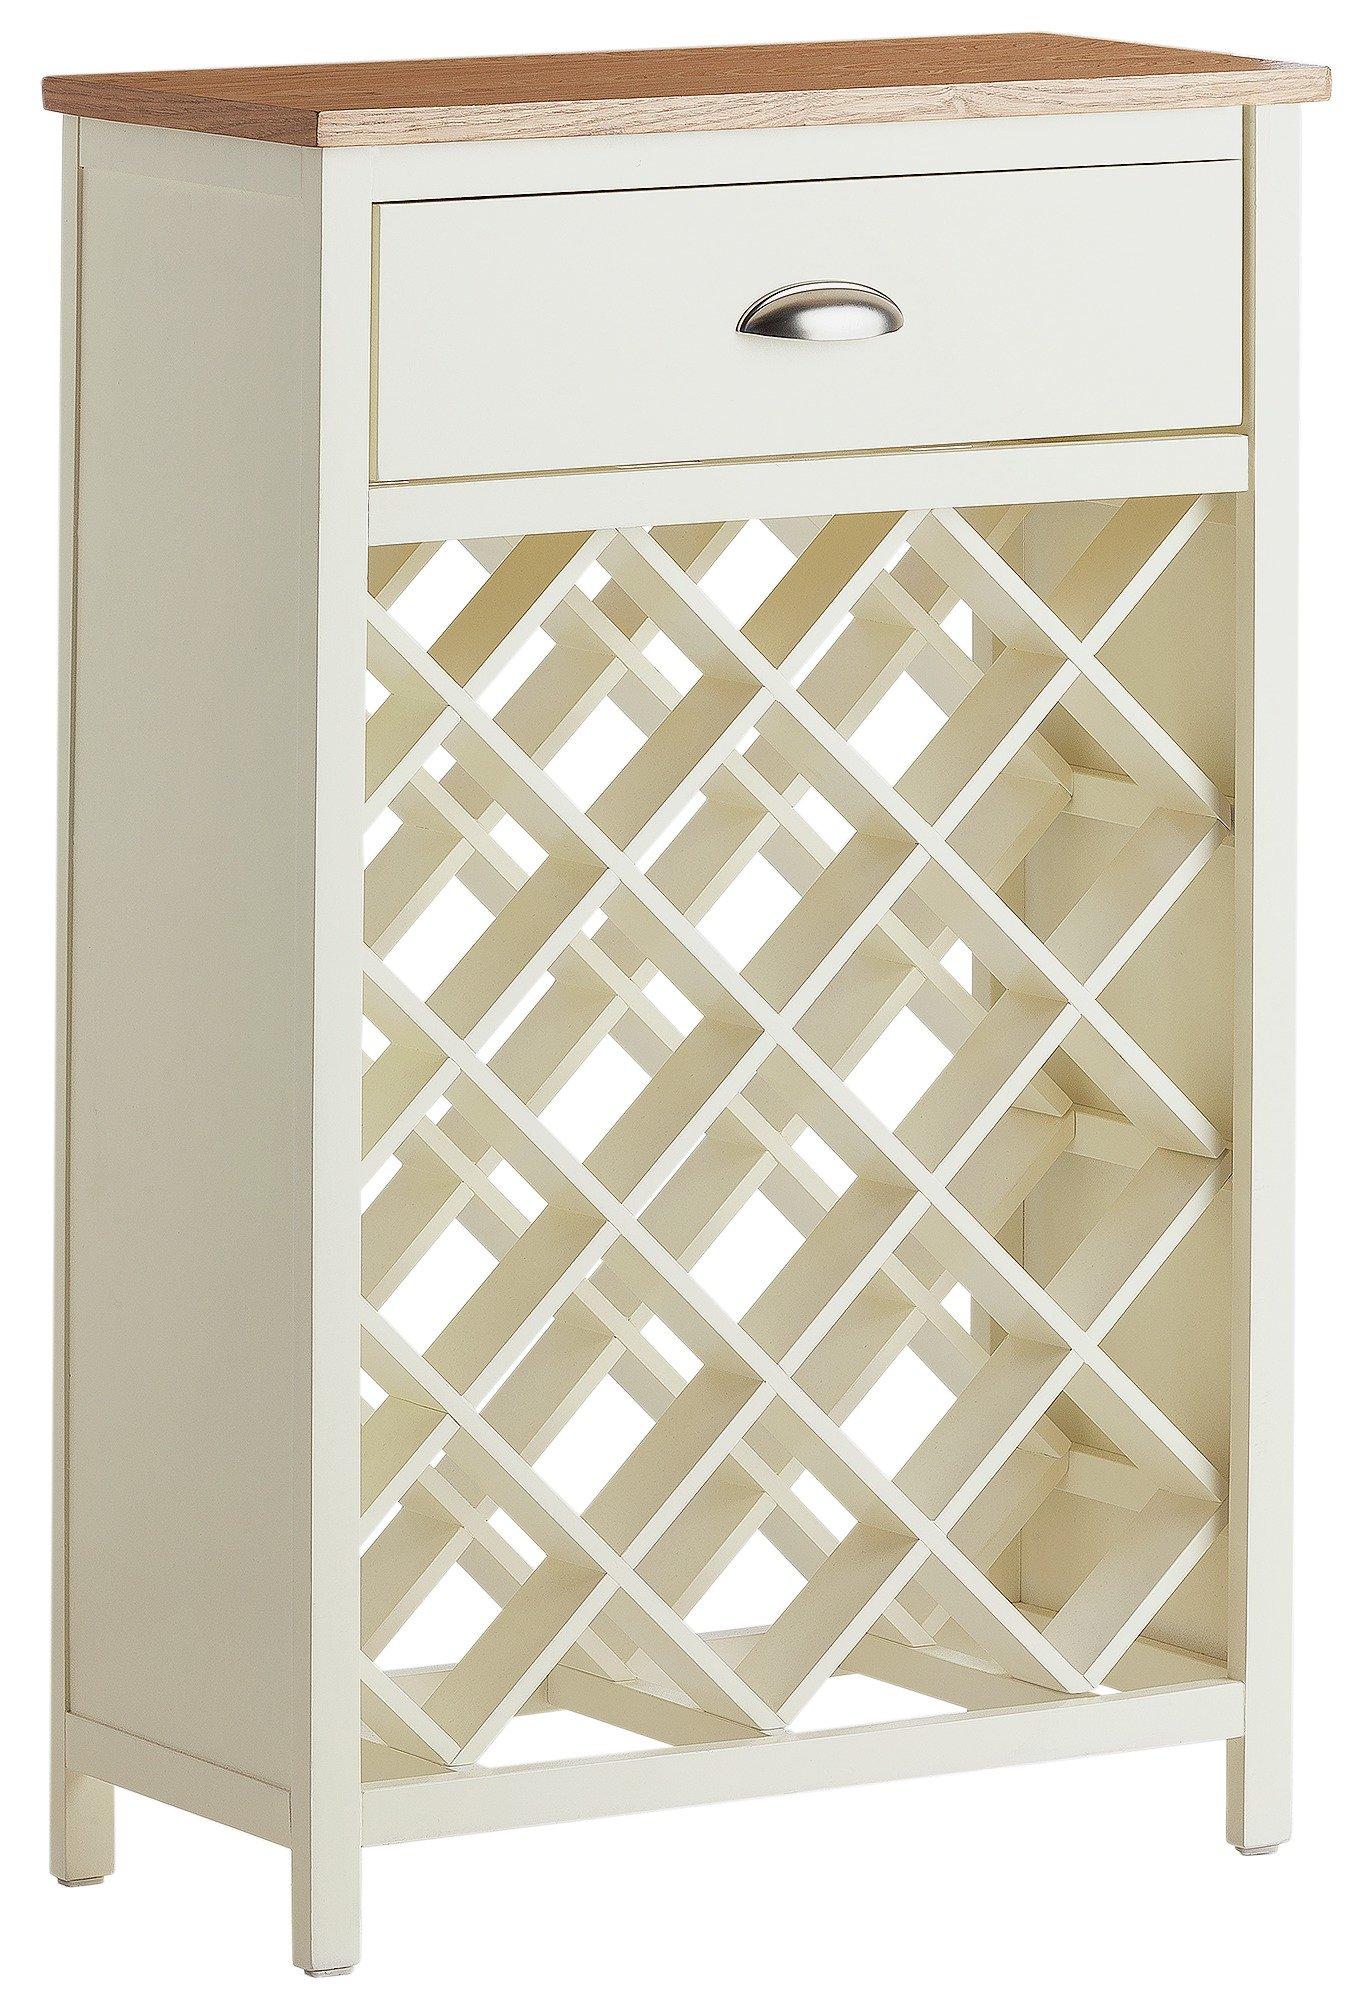 White apron argos - Collection Addington Wine Rack Cream